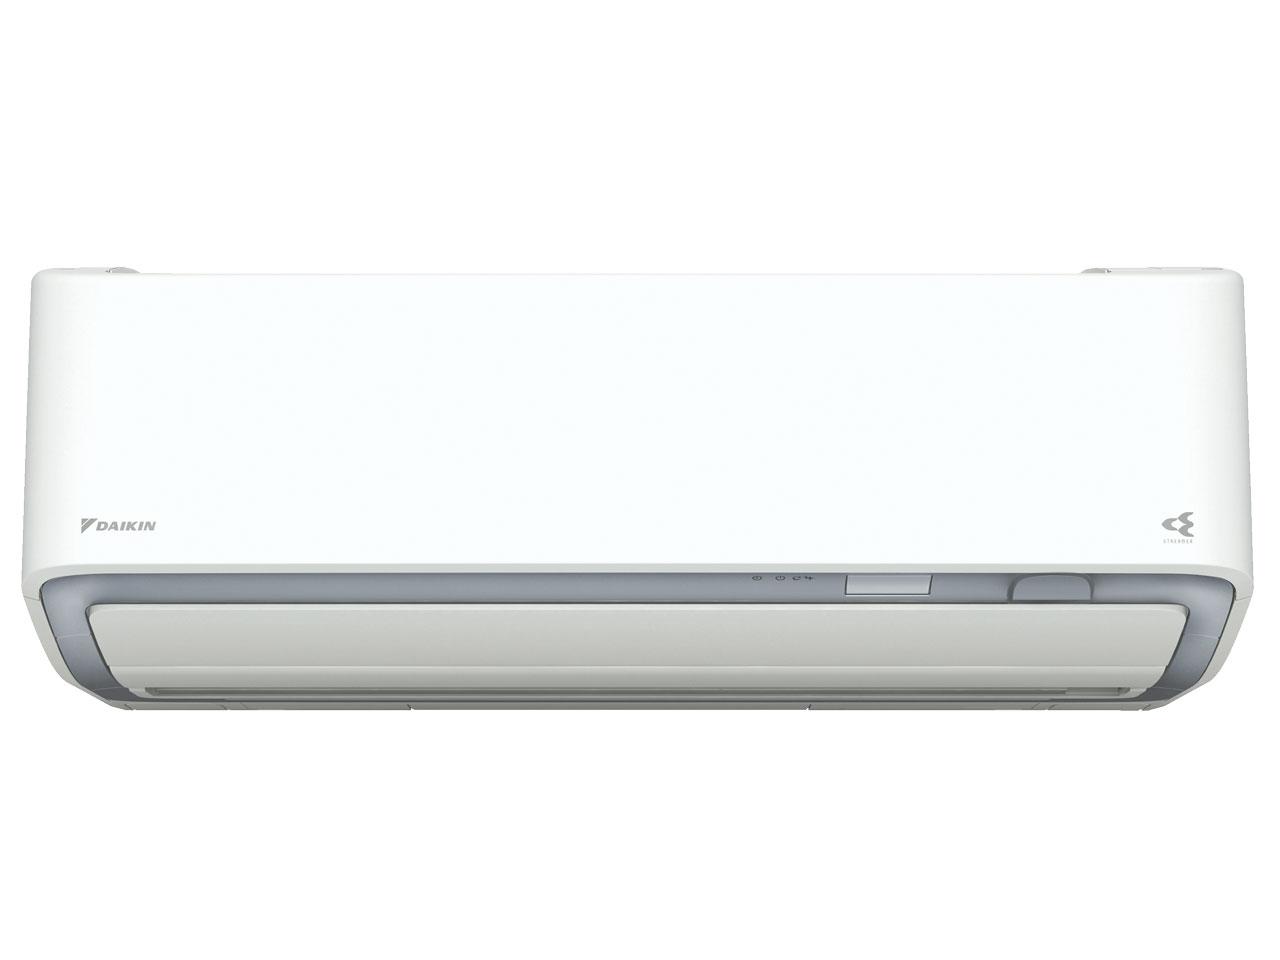 ダイキン 19年モデル 19年モデル ダイキン AXシリーズ AXシリーズ S22WTAXS-W【100V用】6畳用冷暖房除湿エアコン, KAK-kids:5619f1c7 --- sunward.msk.ru